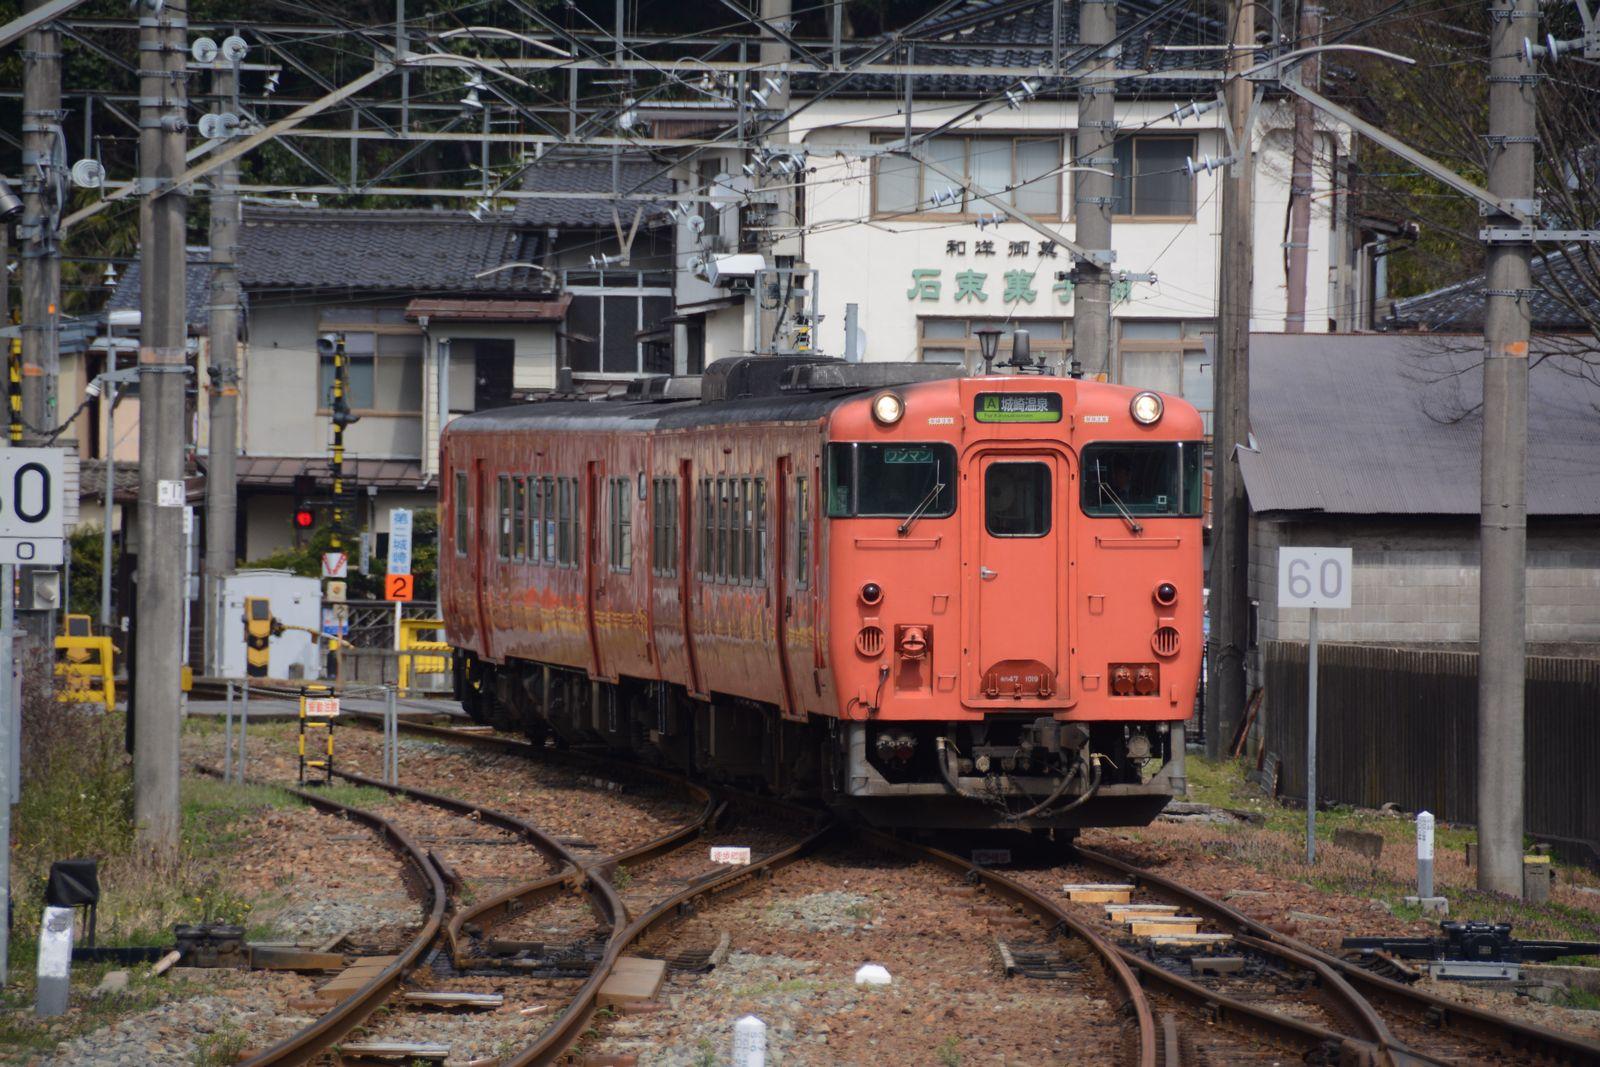 城崎温泉駅から鳥取駅までローカル列車の旅